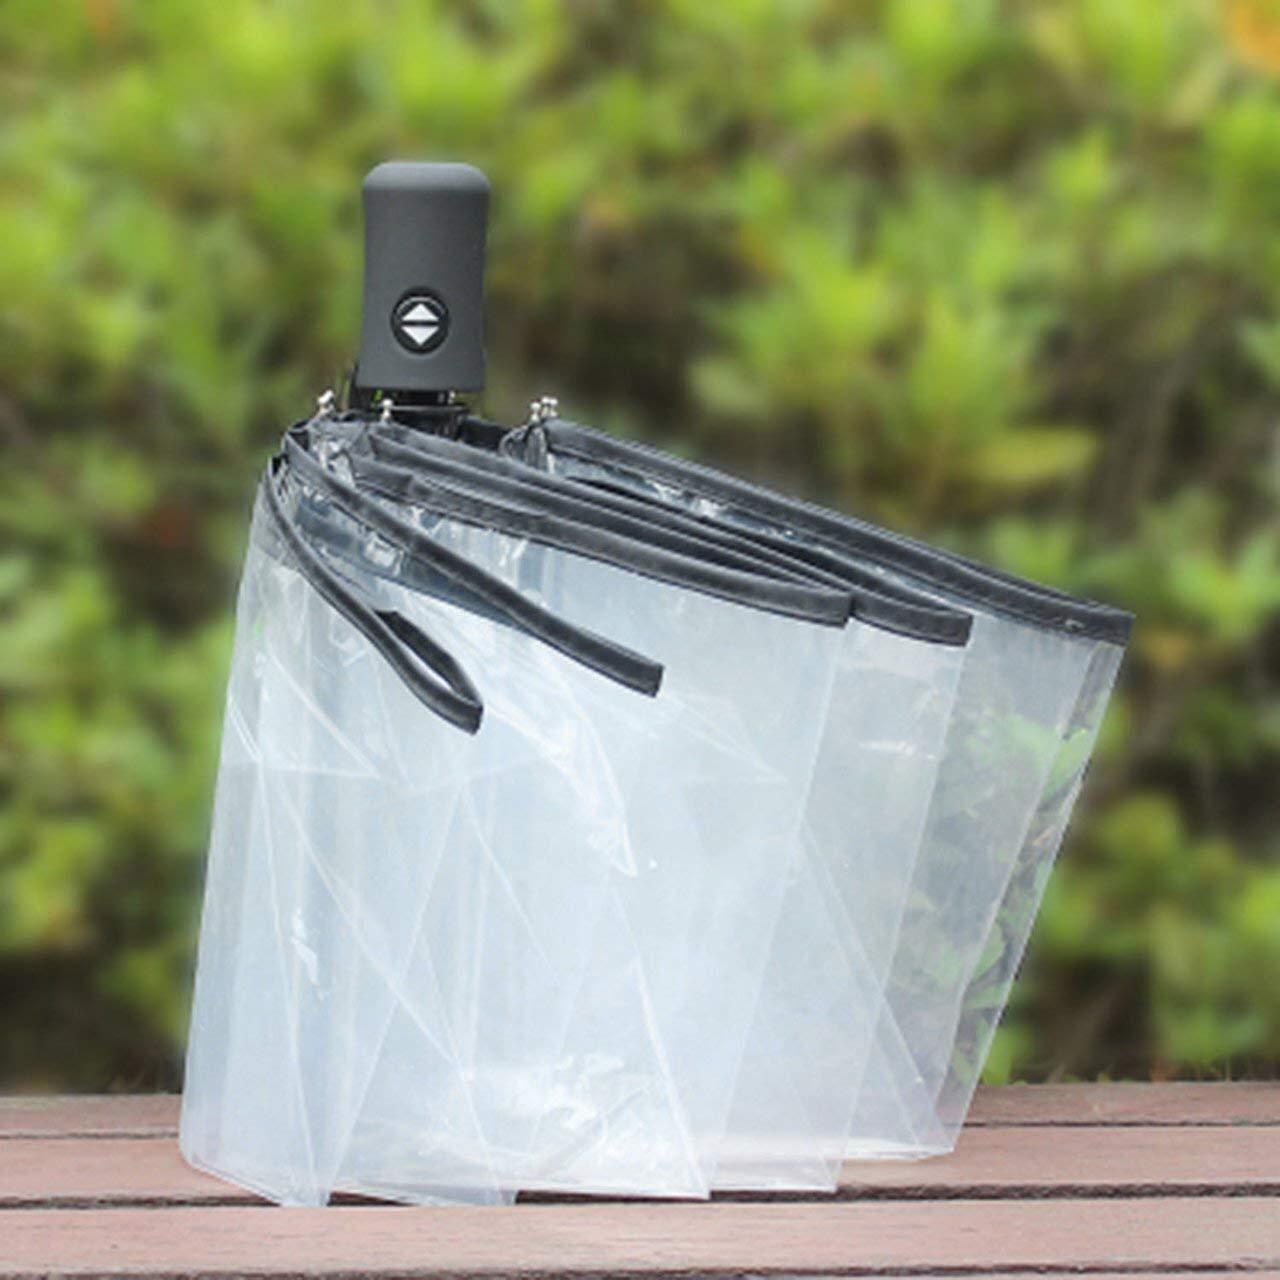 Zihuist Ombrello Compatto Completamente Automatico Tre Ombrelli Trasparenti Antivento Pieghevoli Donna Uomo 8 Costole Ombrello Trasparente Antipioggia Trasparente Ombrello Portatile